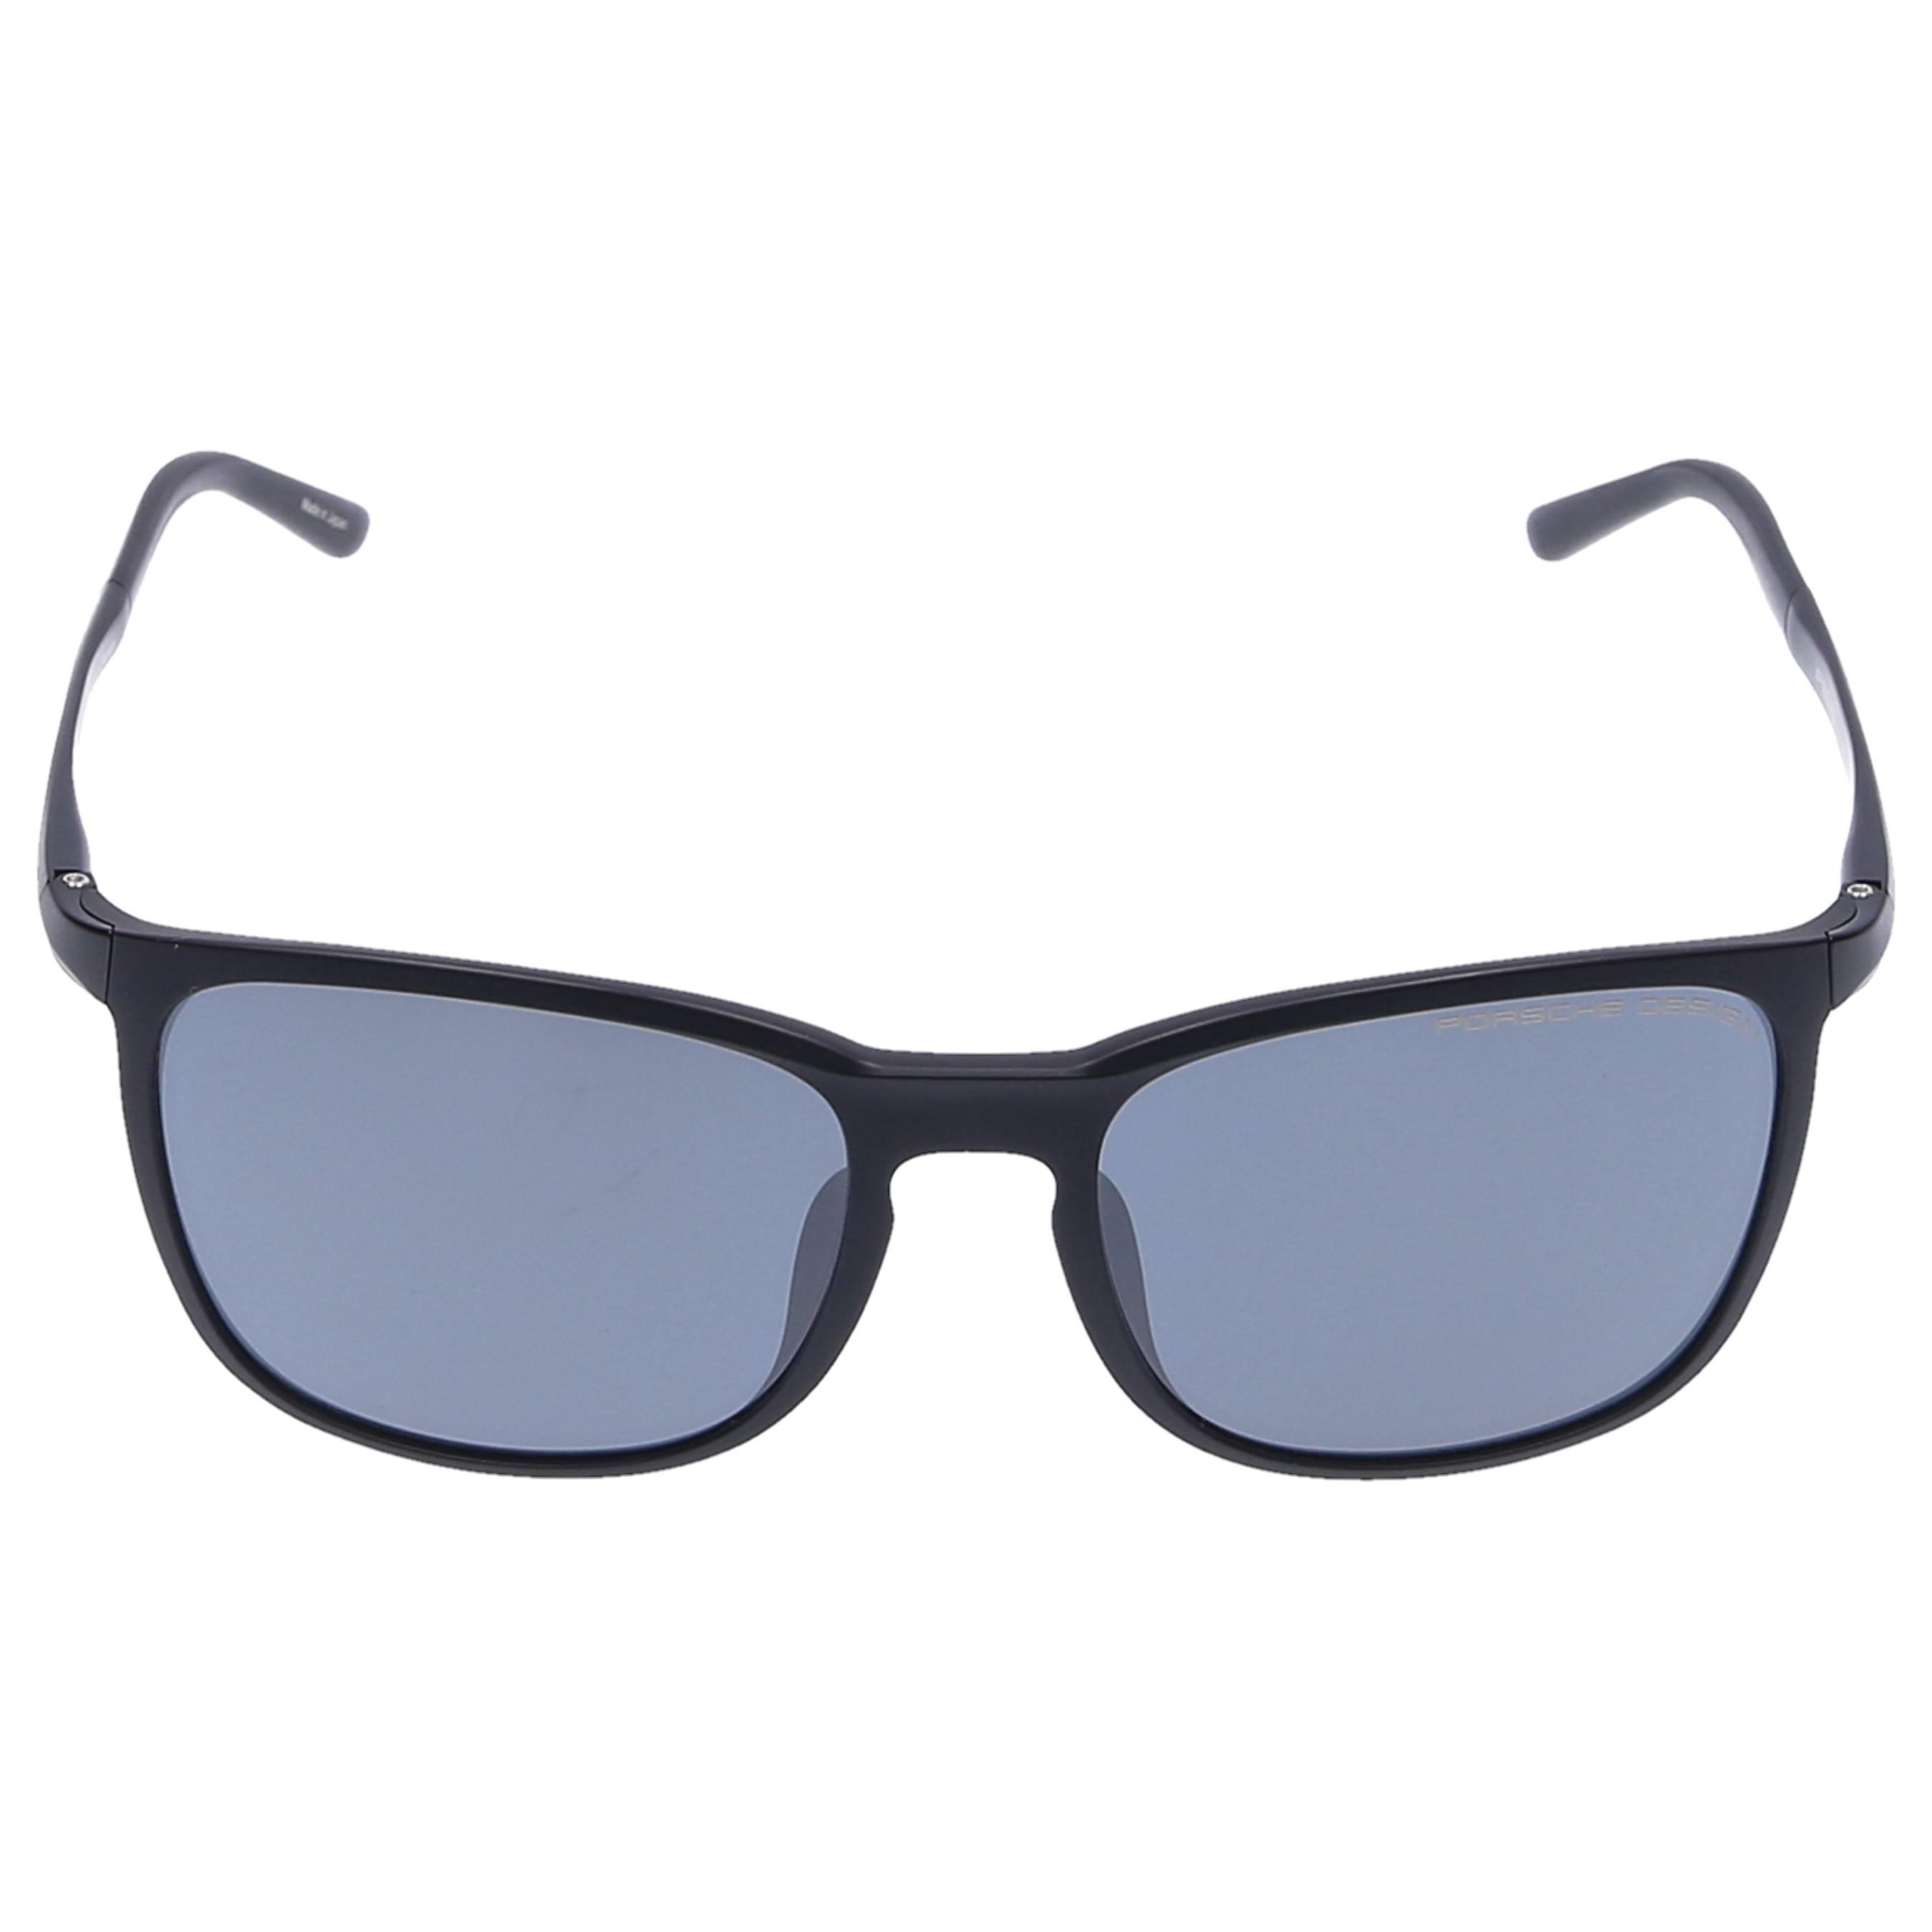 b740efc8f7 Lyst - Porsche Design Men Sunglasses D-fame 8673 Acetate Titanium ...